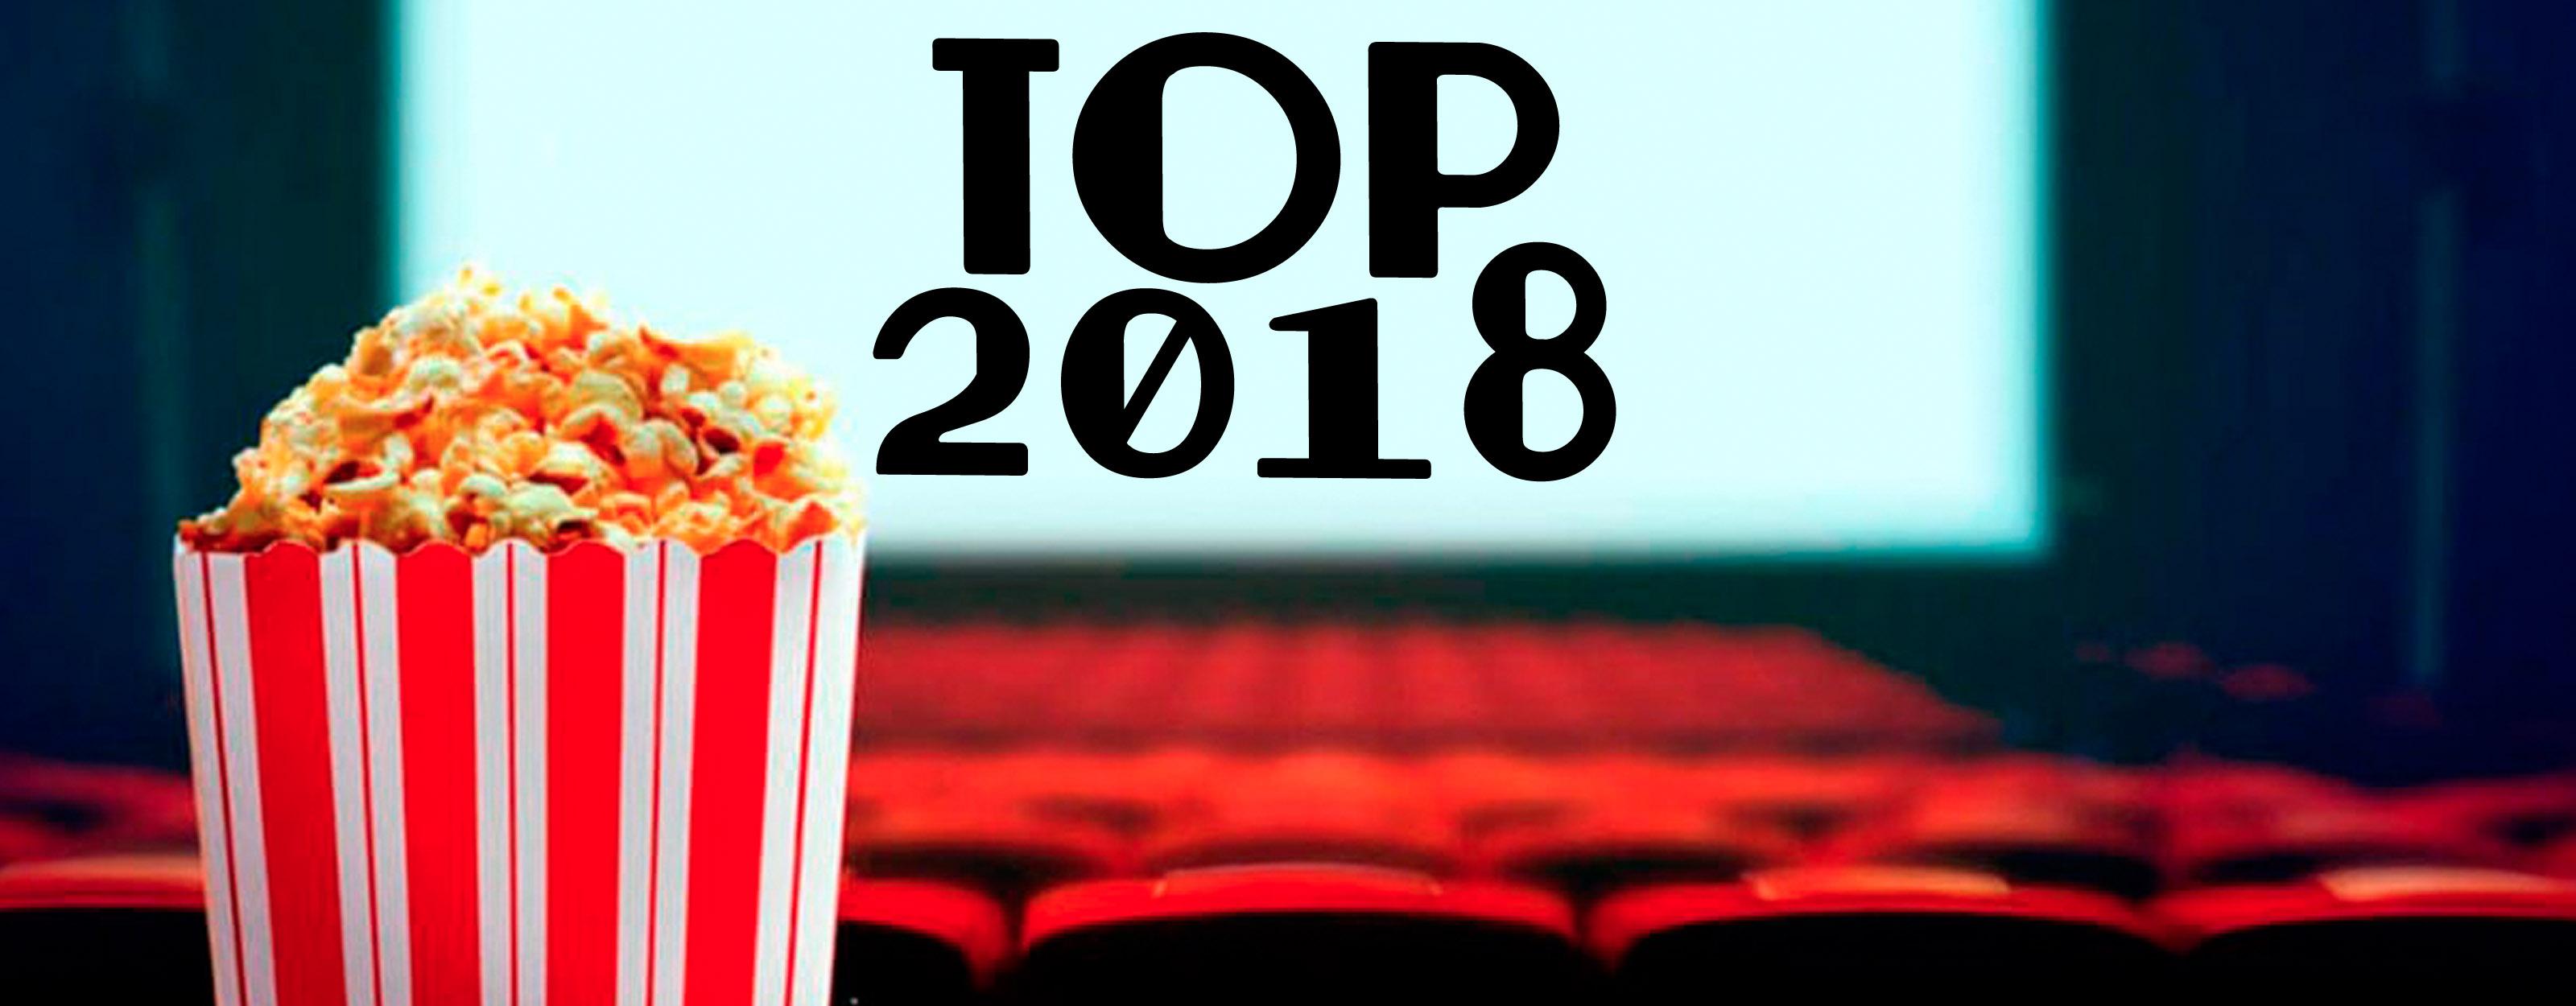 Mejores películas 2018, Top cine